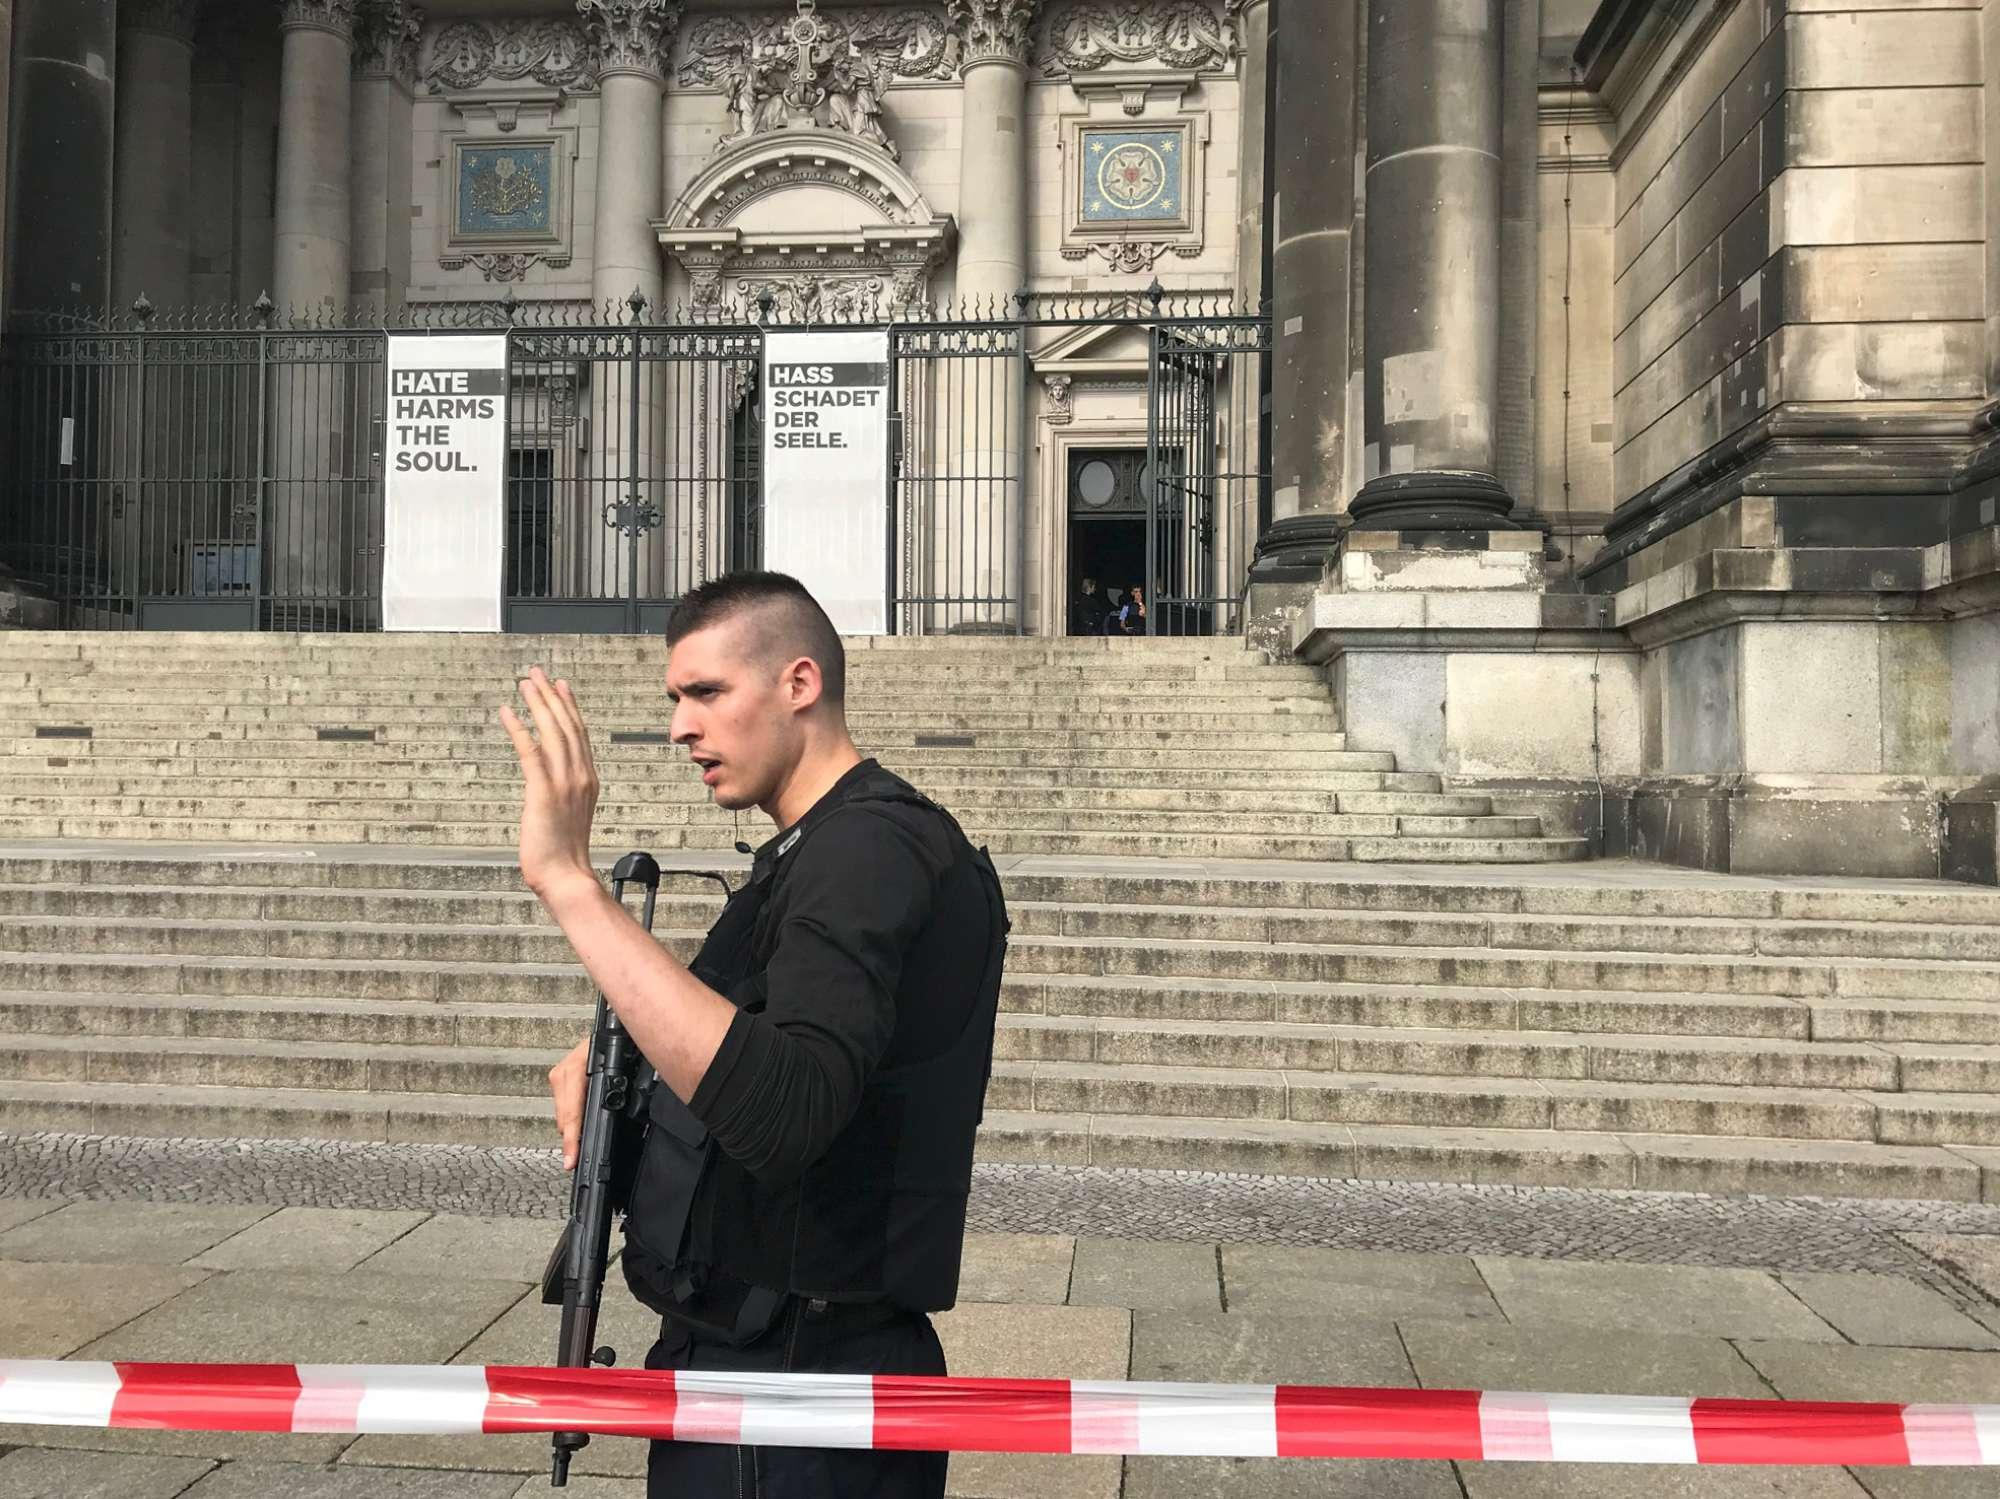 Berlino, agente spara a un uomo in Duomo